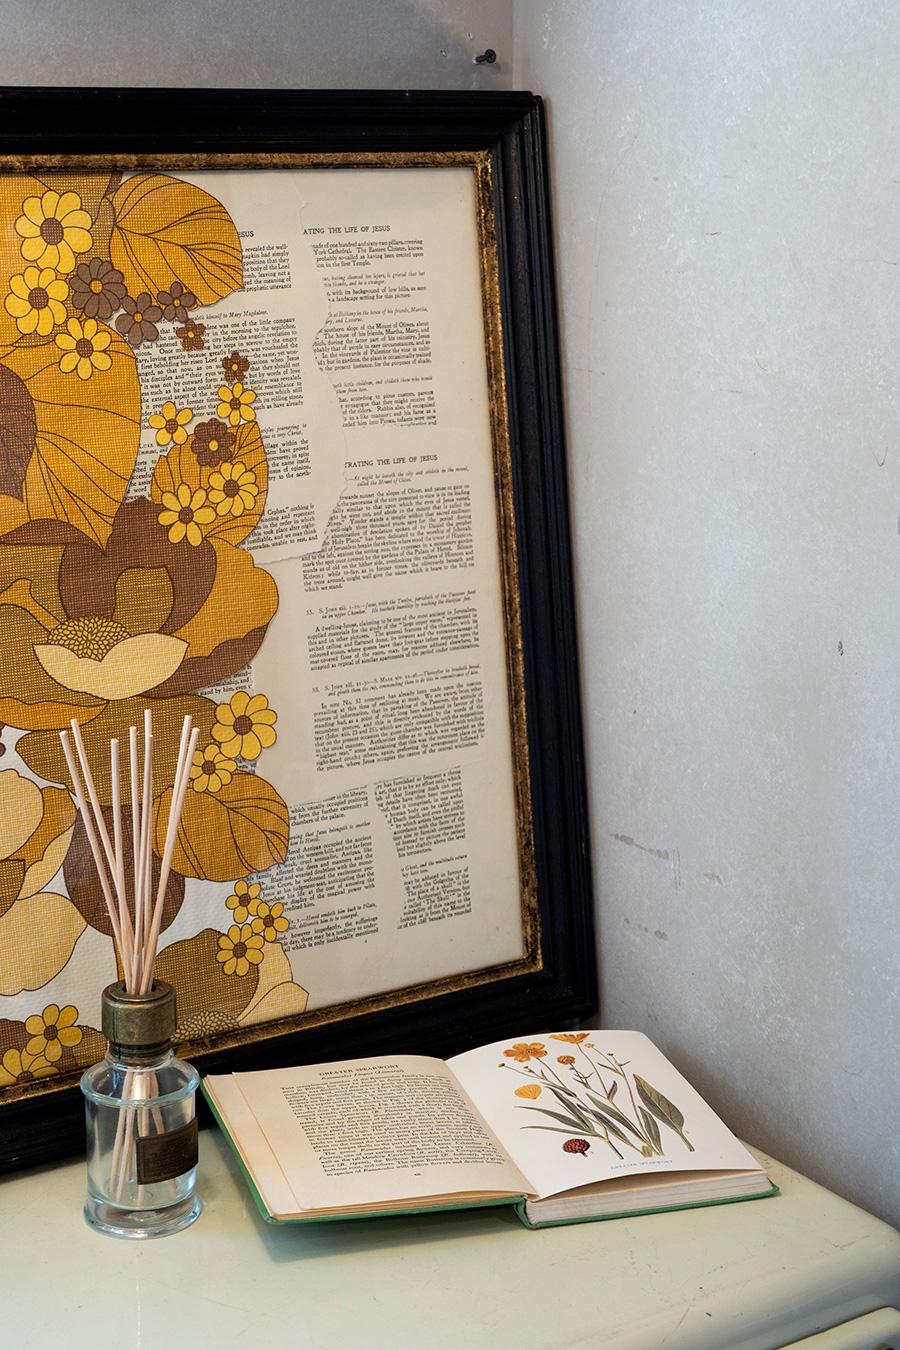 ヴィンテージの壁紙と古本のページをコラージュ。ボタニカルをテーマにディスプレイ。